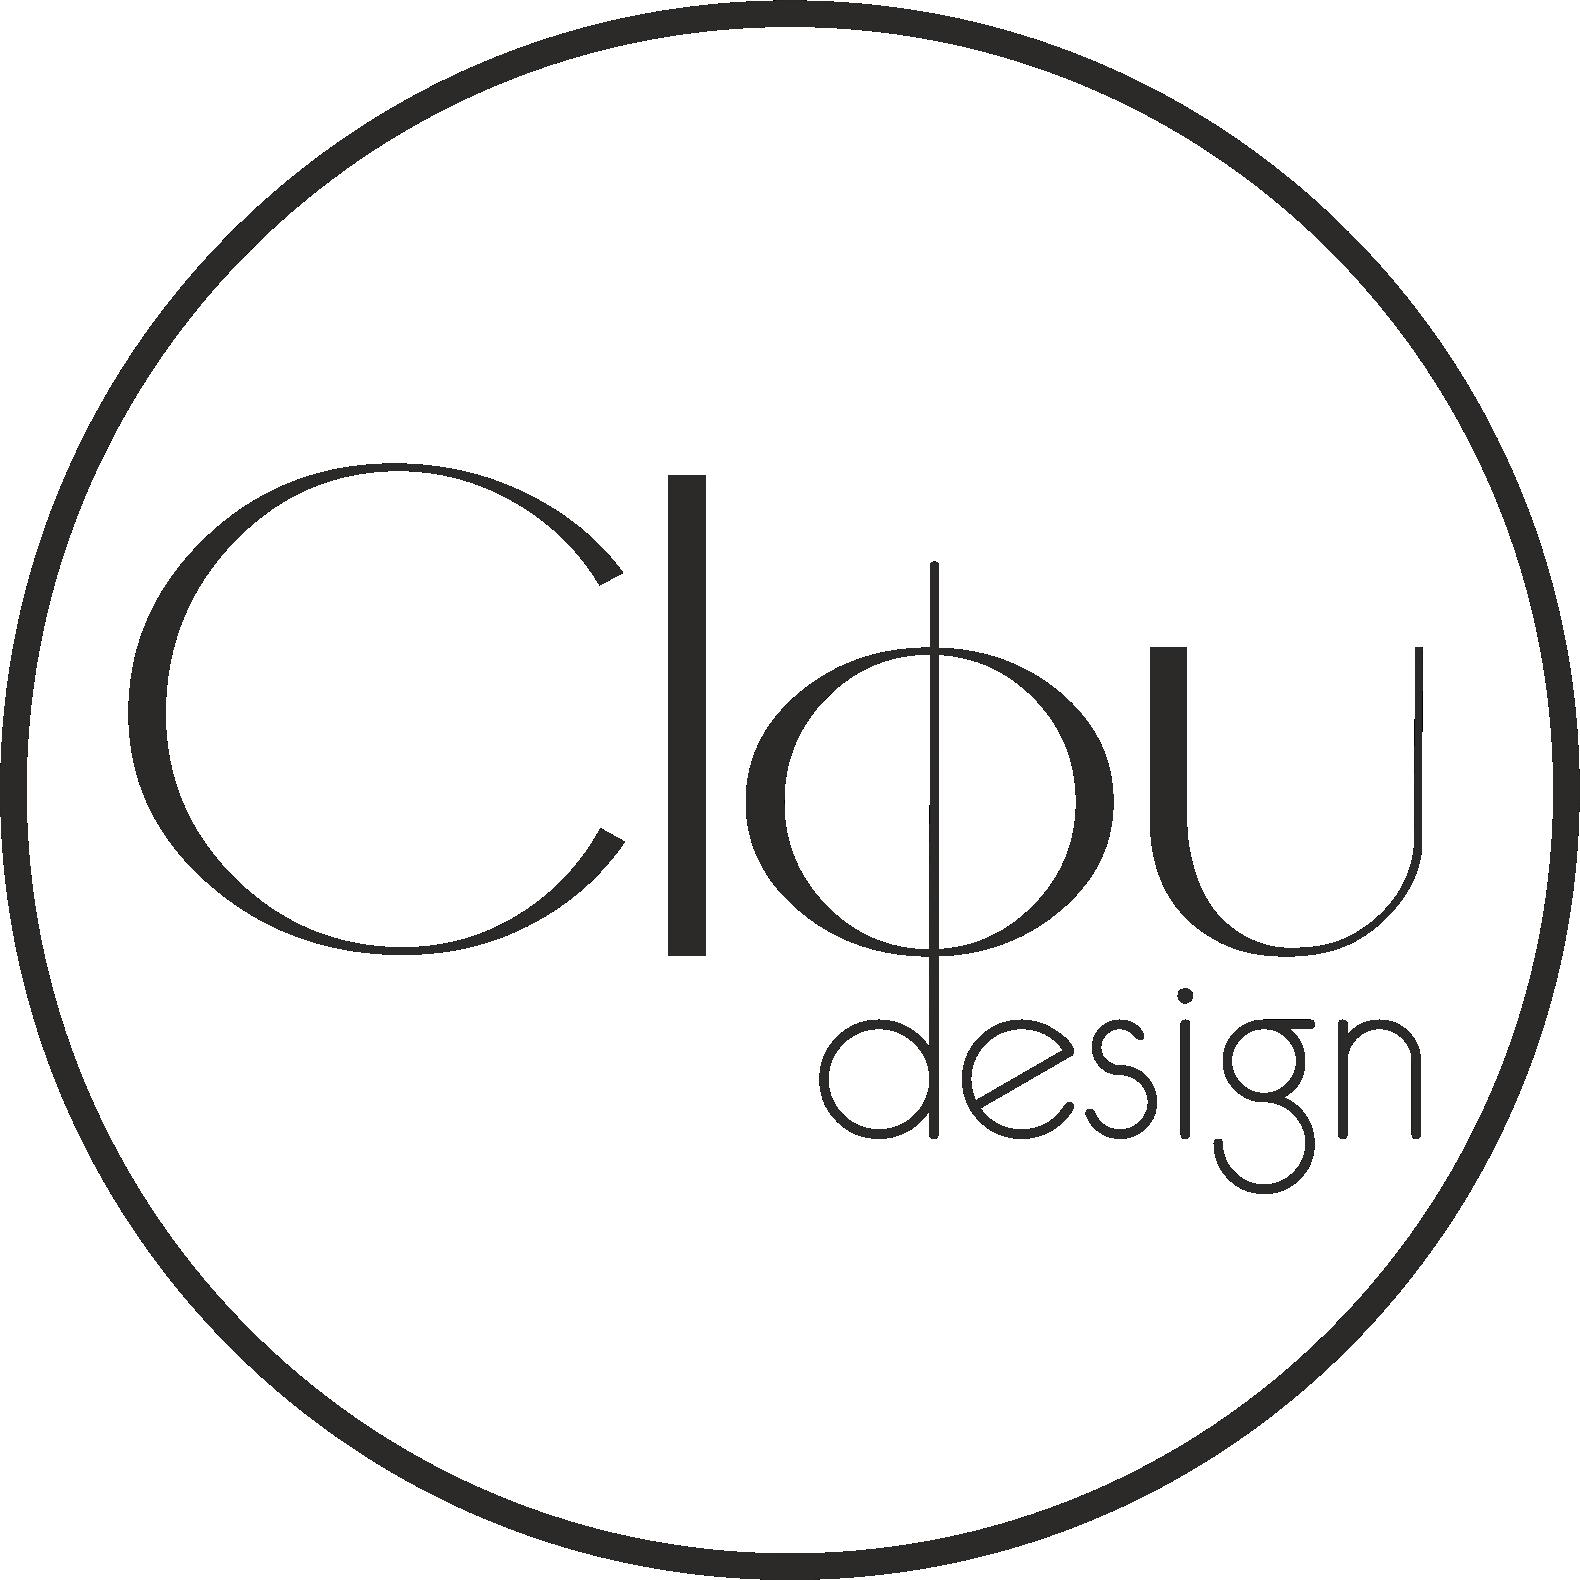 Projektowanie wnętrz świętokrzyskie, projektant świętokrzyskie logopng